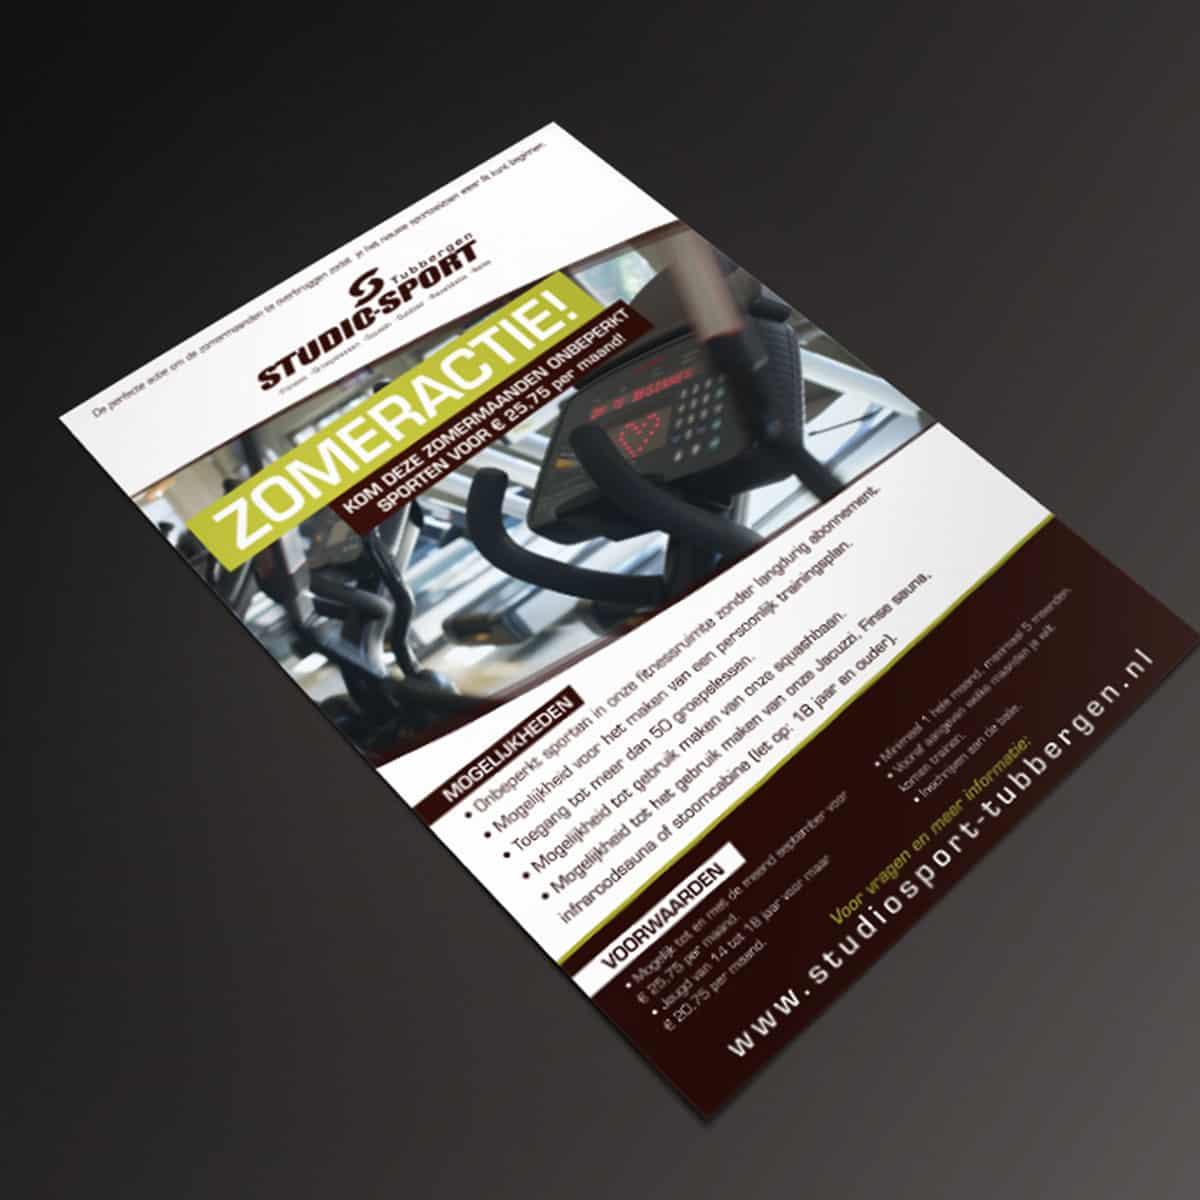 studiosport-tubbergen-huisstijl-drukwerk-advertentie-burobedenkt2